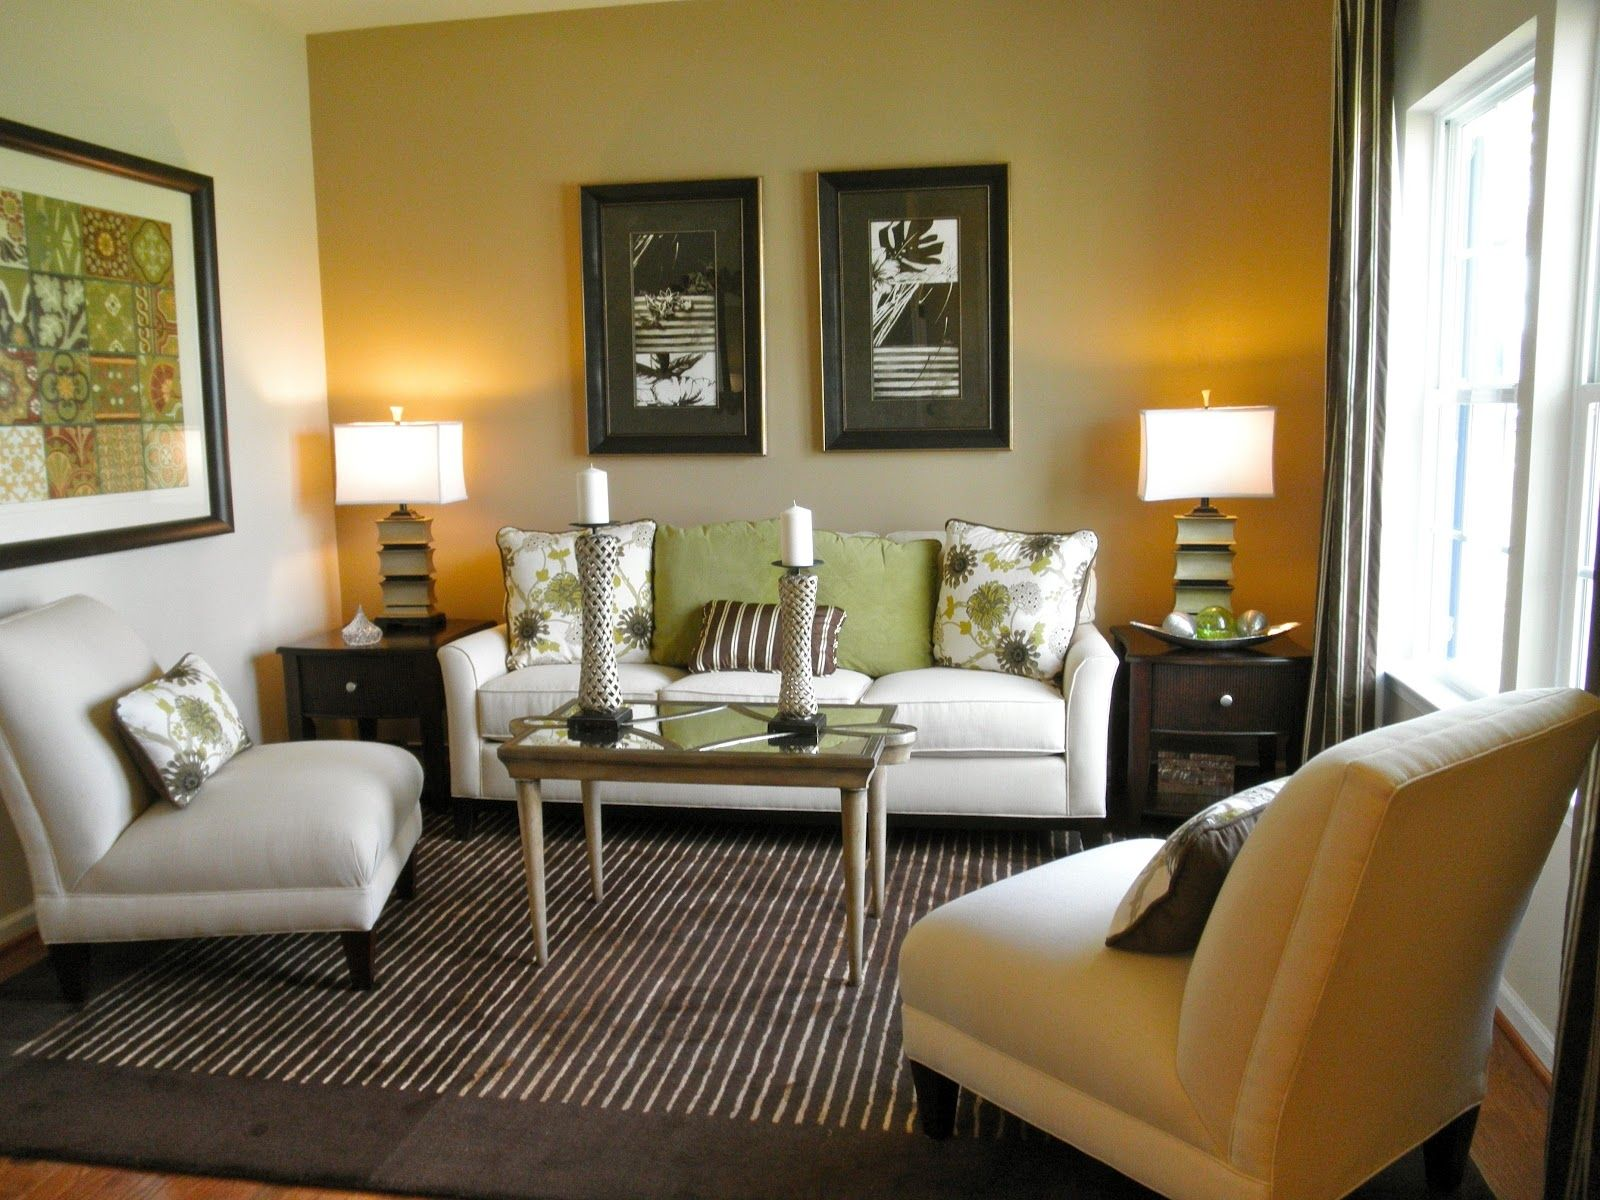 Room Small Formal Living Design Ideas